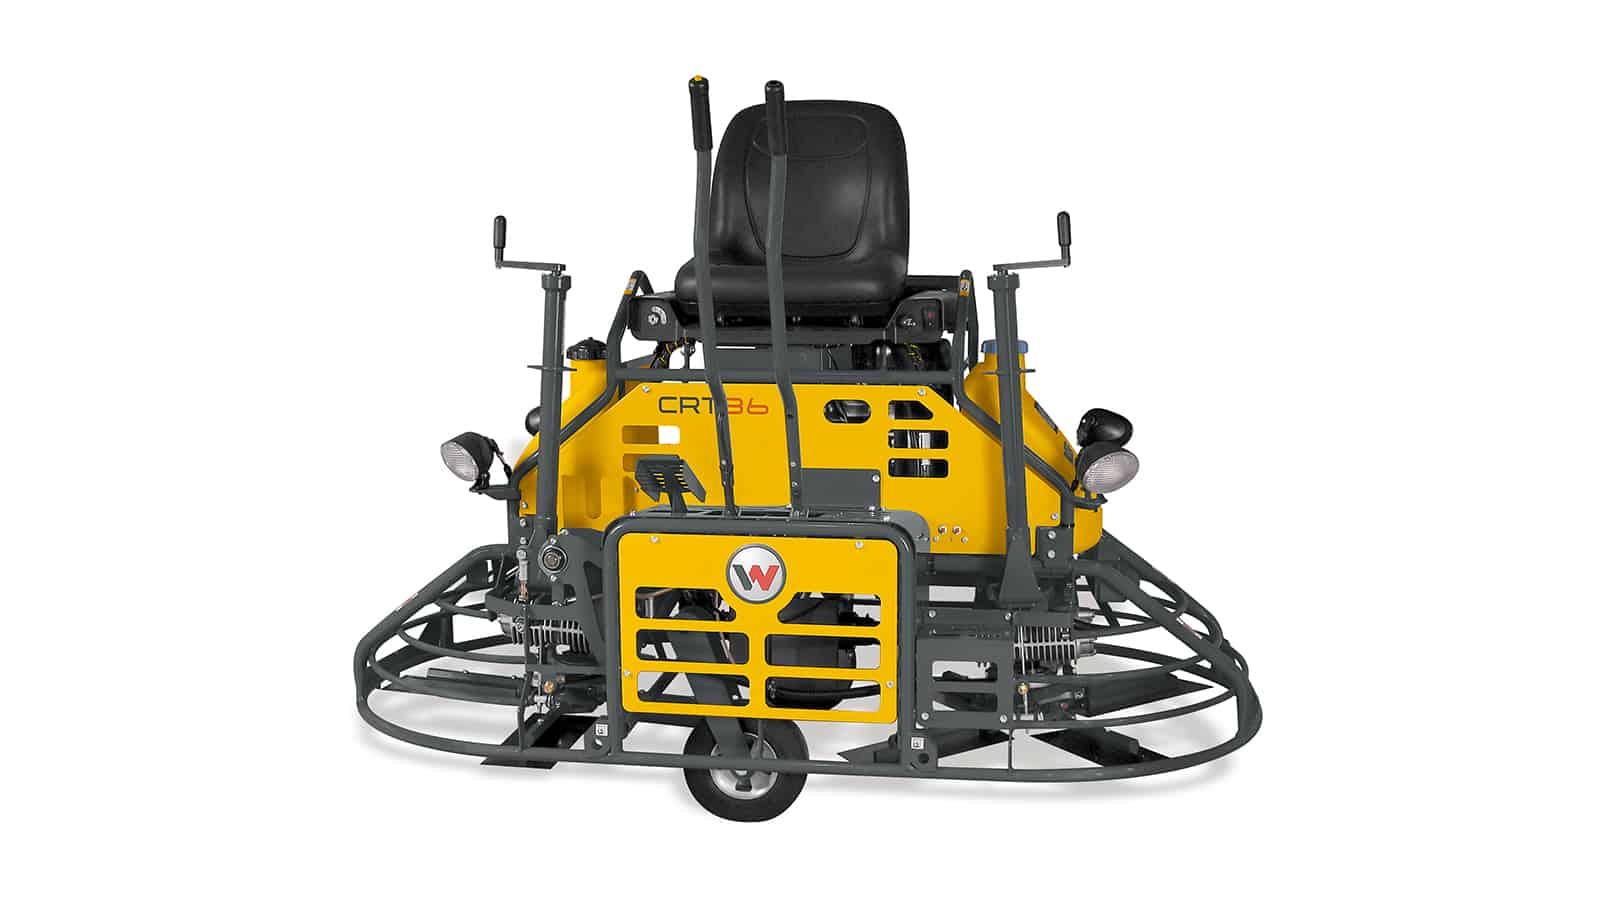 Wacker Neuson CRT36 Power Trowel Float - For sale or hire